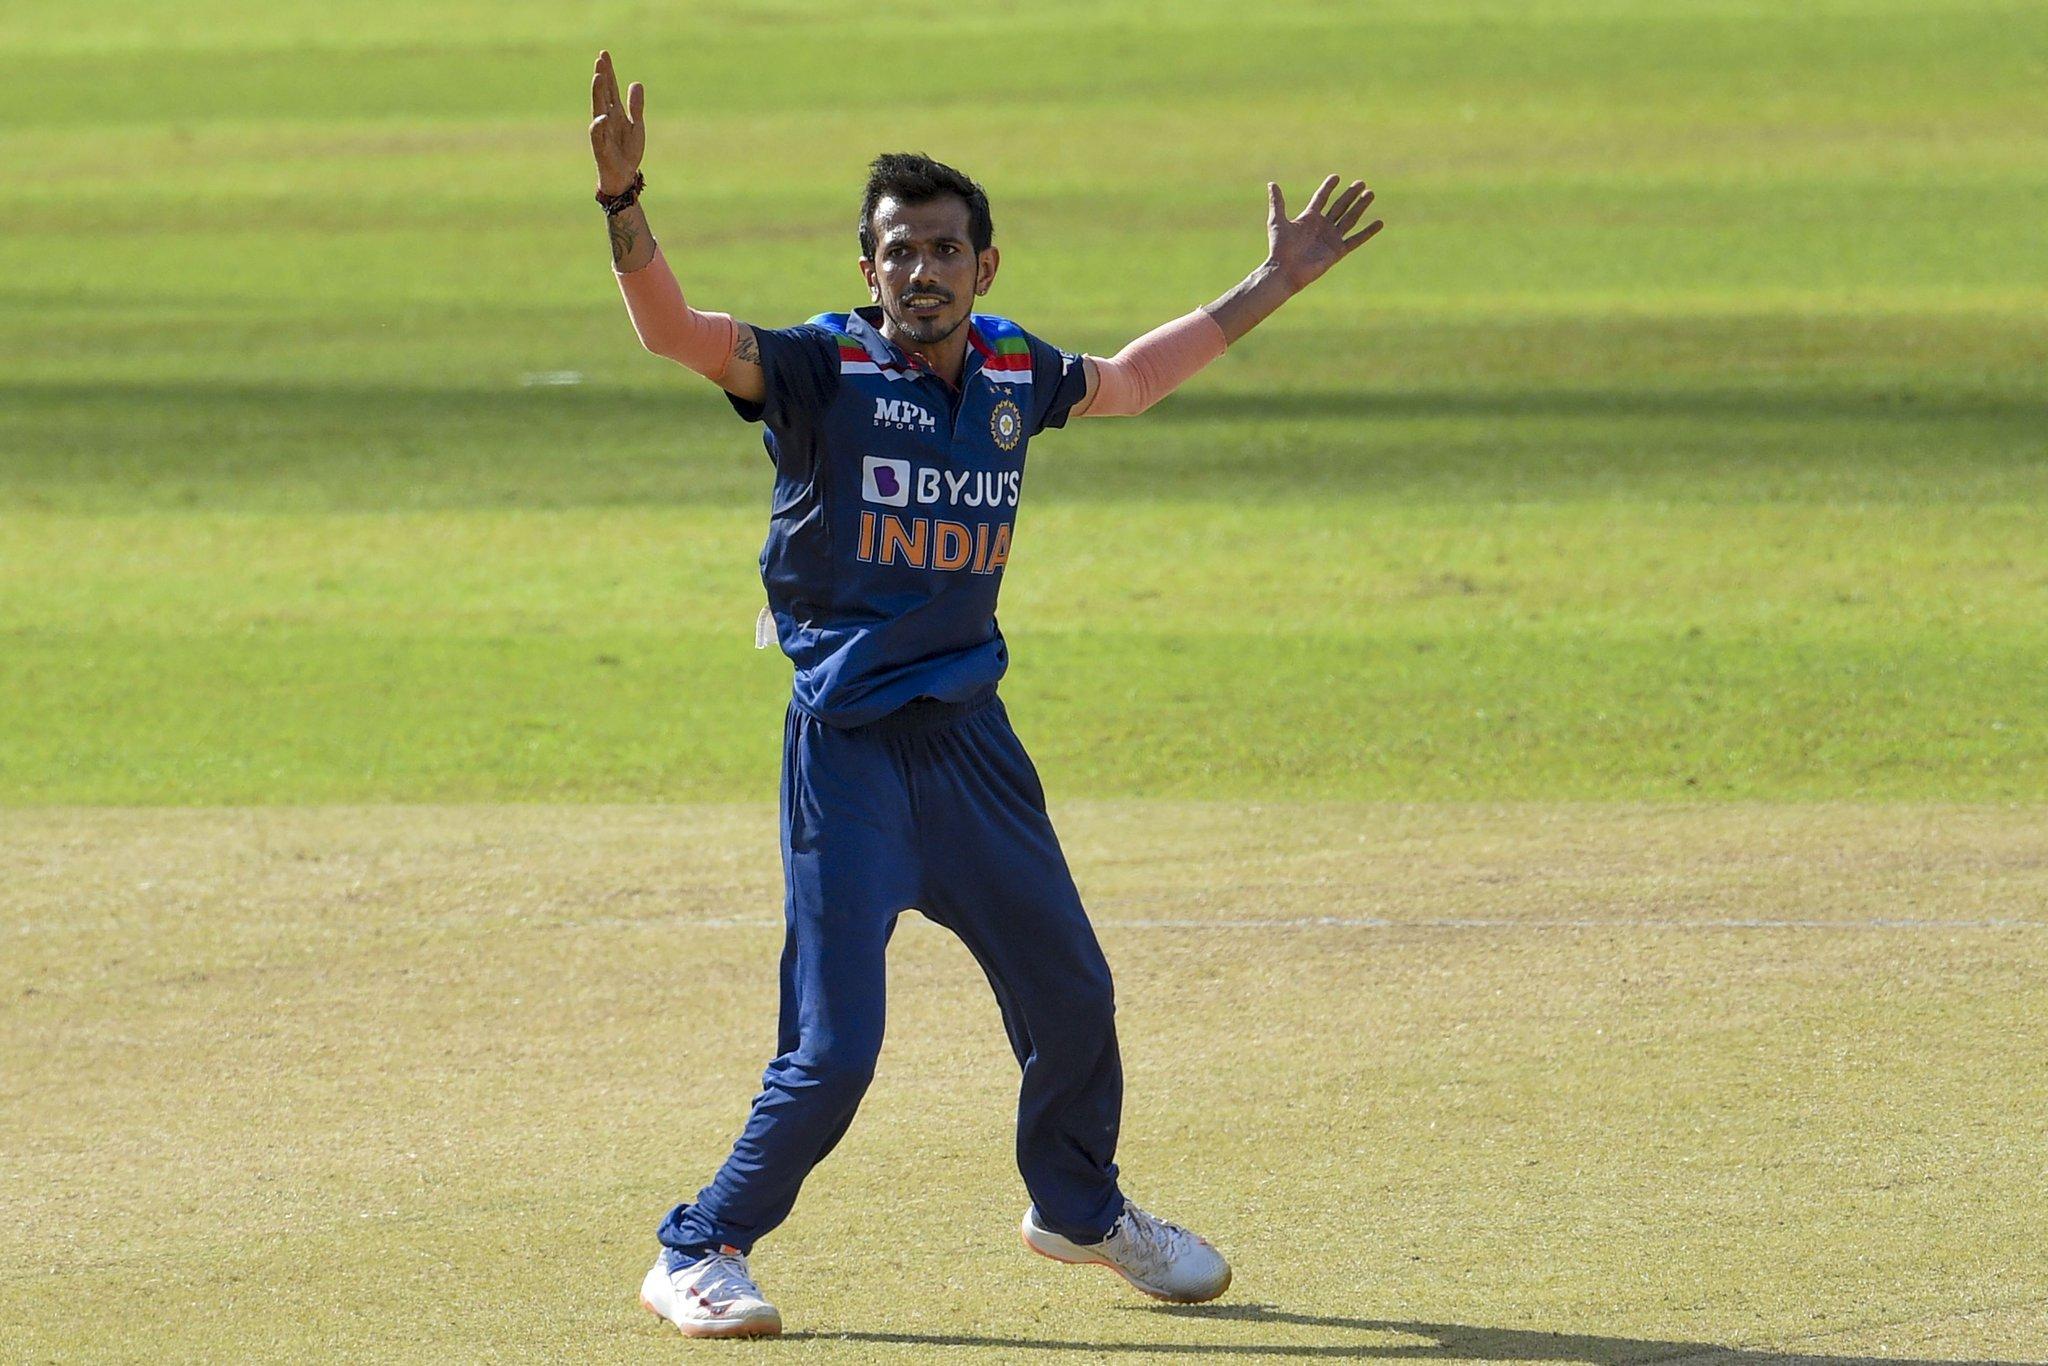 युजवेंद्र चहल ने 14वें ओवर में श्रीलंकाई टीम को लगातार दो बॉल पर 2 झटके दिए। उन्होंने 14वें ओवर की दूसरी बॉल पर मिनोद को मनीष पांडेय के हाथों कैच कराया। इसके बाद तीसरी बॉल पर भानुका राजपक्षा (0) को विकेटकीपर ईशान किशन के हाथों कैच कराया।